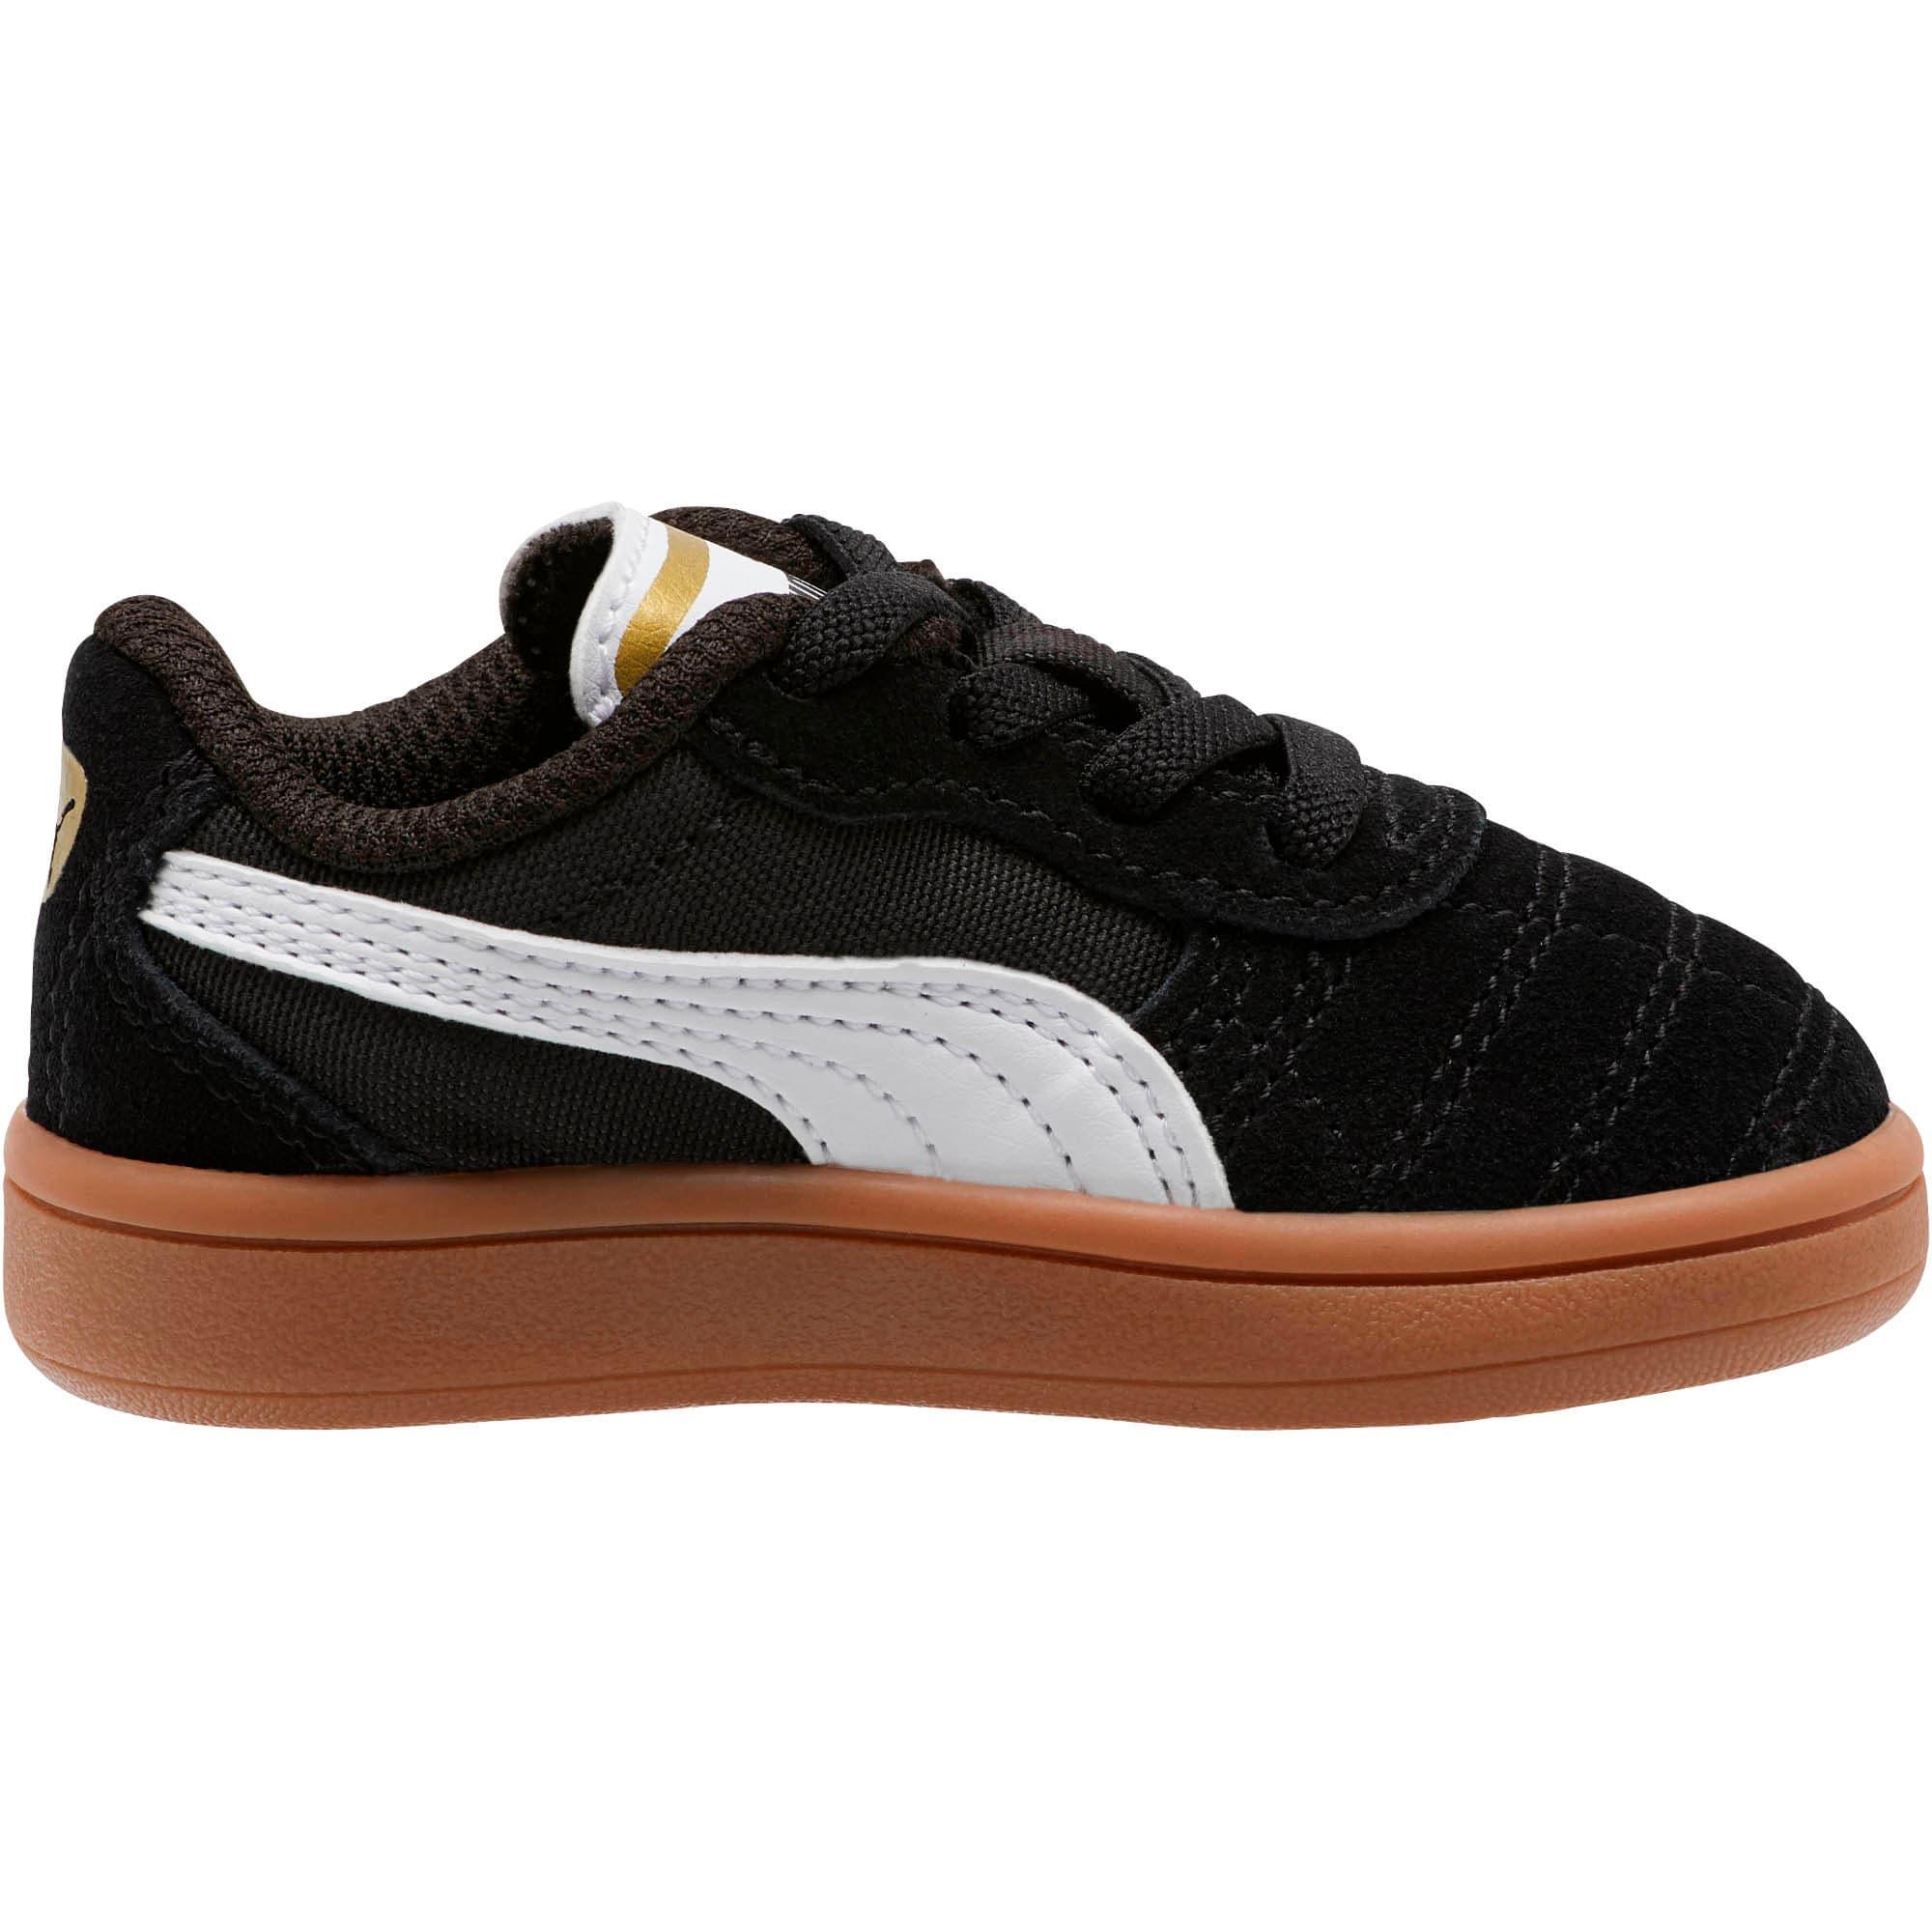 Miniatura 4 de Zapatos Astro Kick AC para bebé, Puma Black-Puma White-Gold, mediano